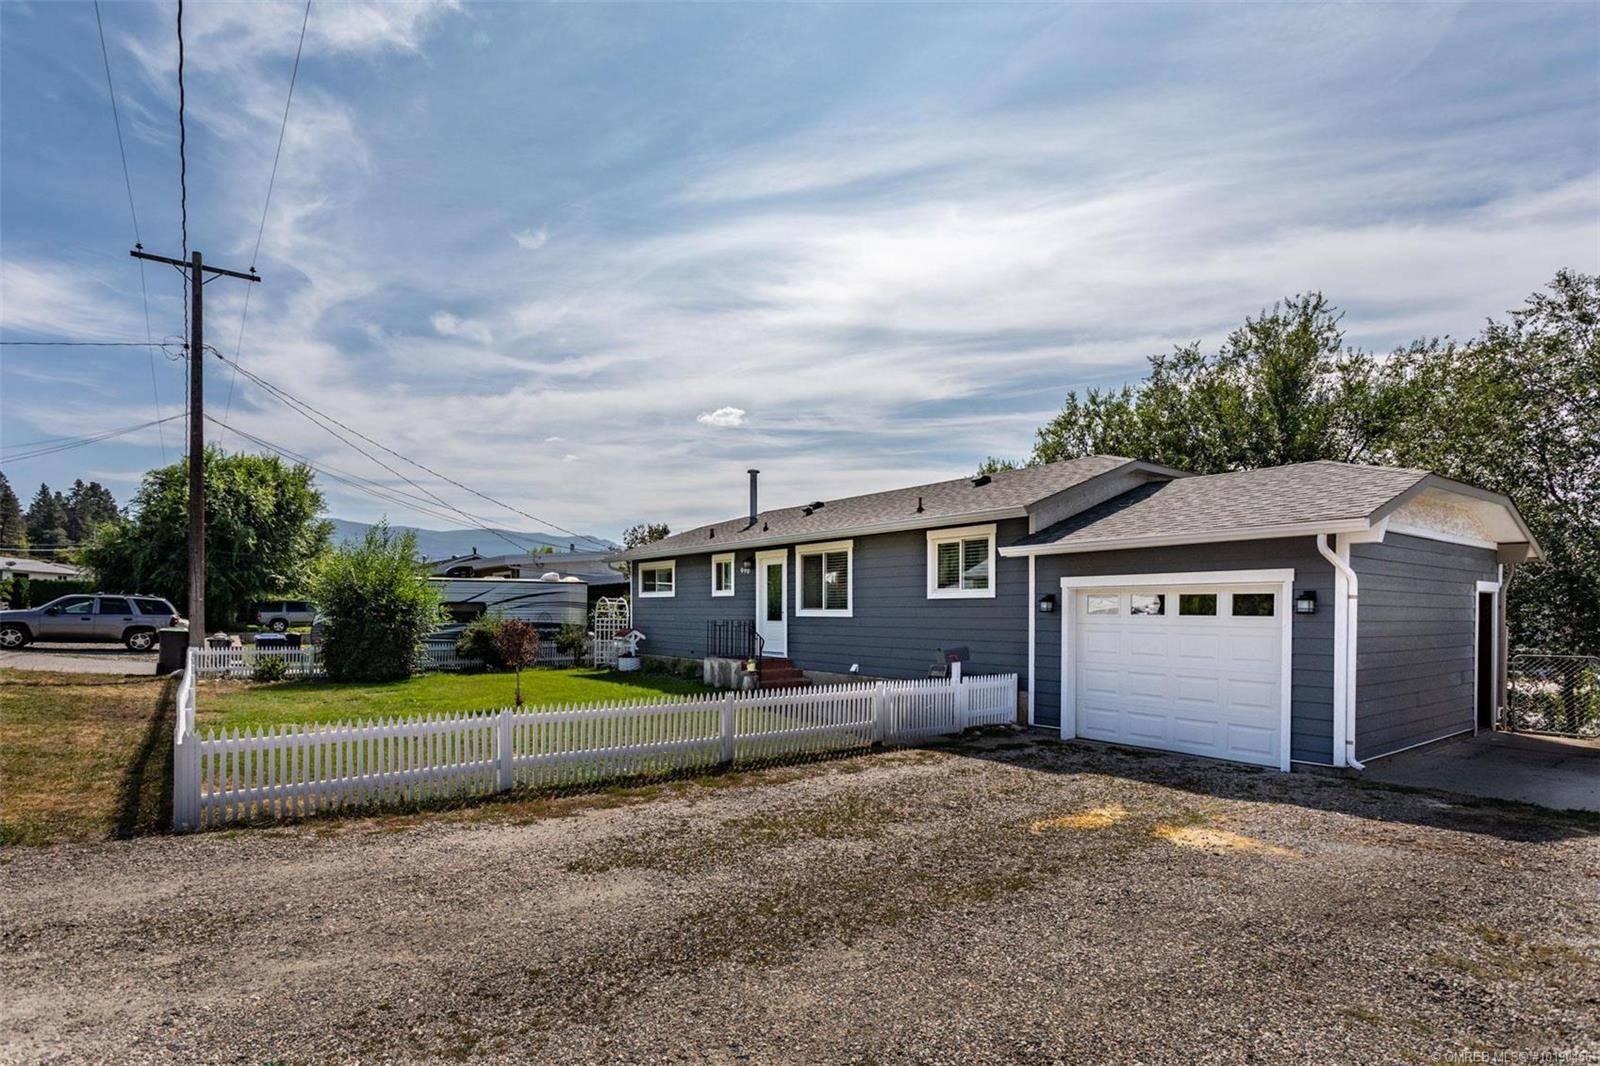 House for sale at 990 Cactus Rd Kelowna British Columbia - MLS: 10190456